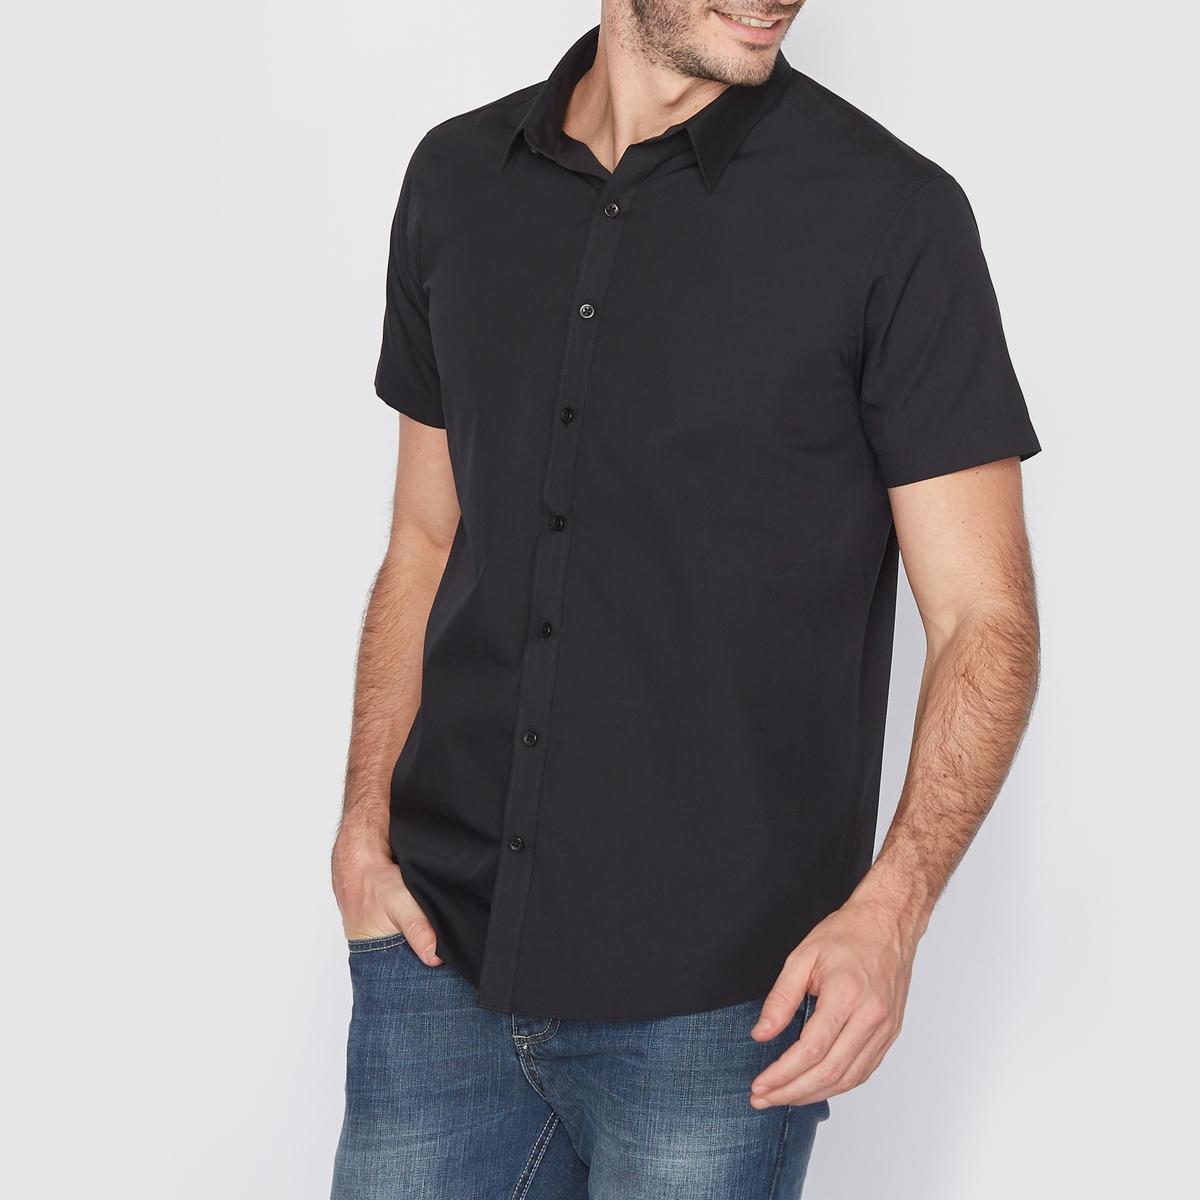 Рубашка однотонная прямого покрояРубашка с короткими рукавами, прямой покрой, воротник со свободными уголками. Длина 77 см. Легкая глажка.Закругленный низ. 55% хлопка, 45% полиэстера.<br><br>Цвет: черный<br>Размер: 35/36